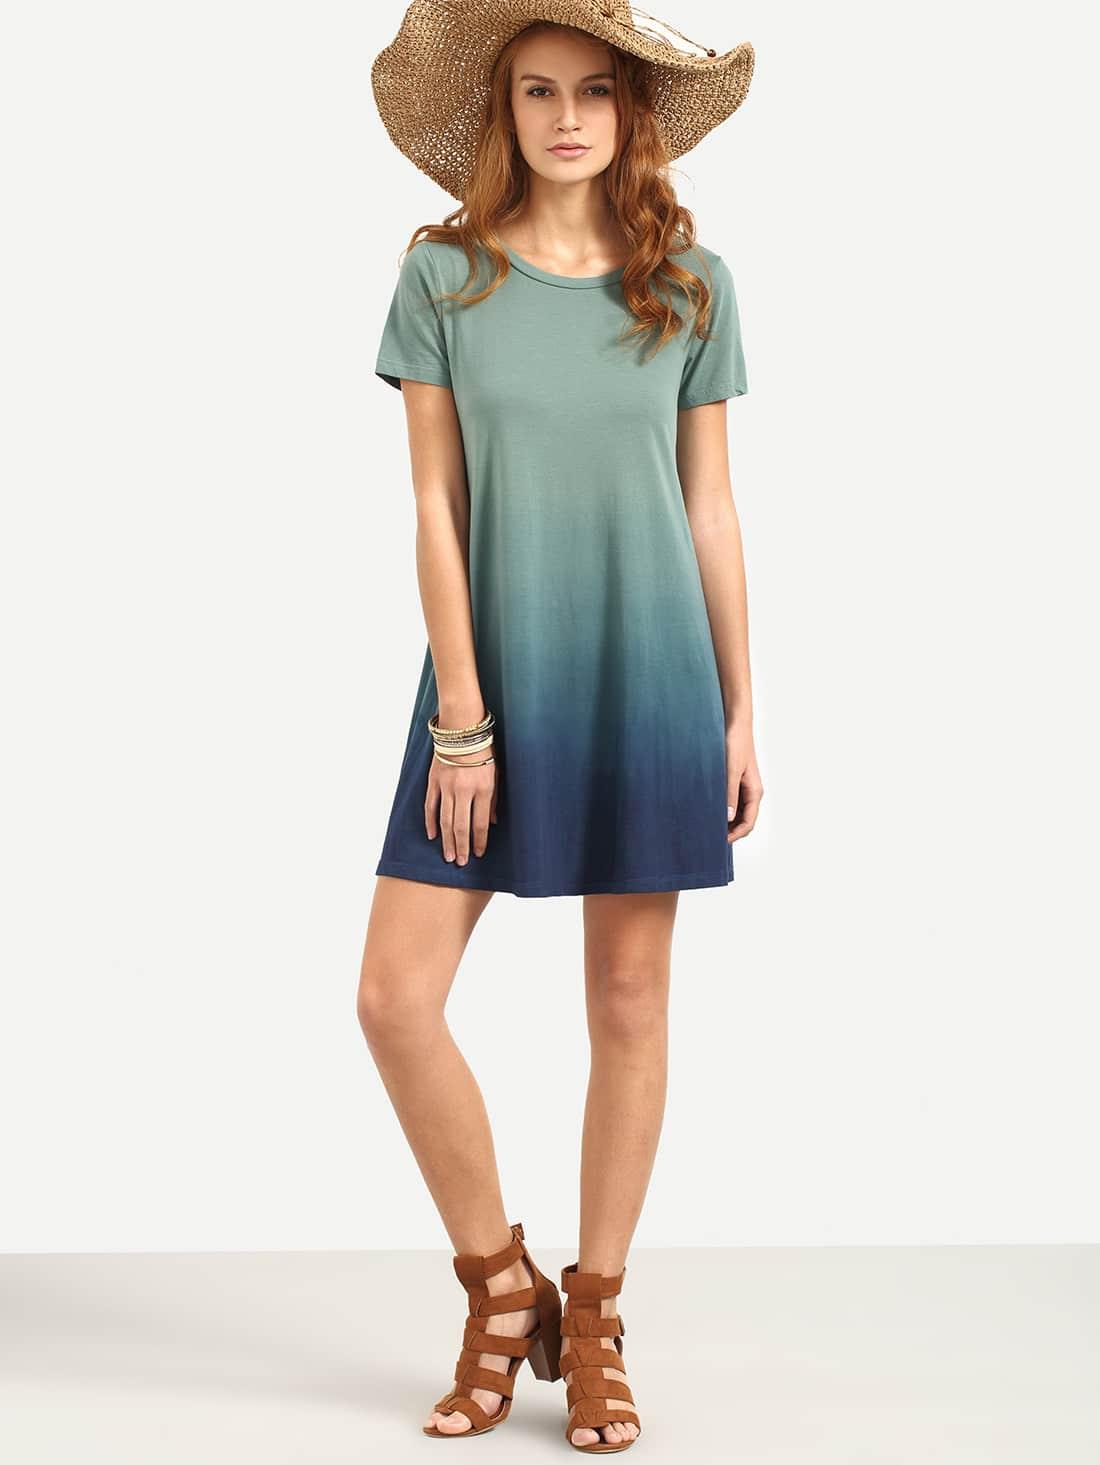 Short sleeve dress shirt fashion